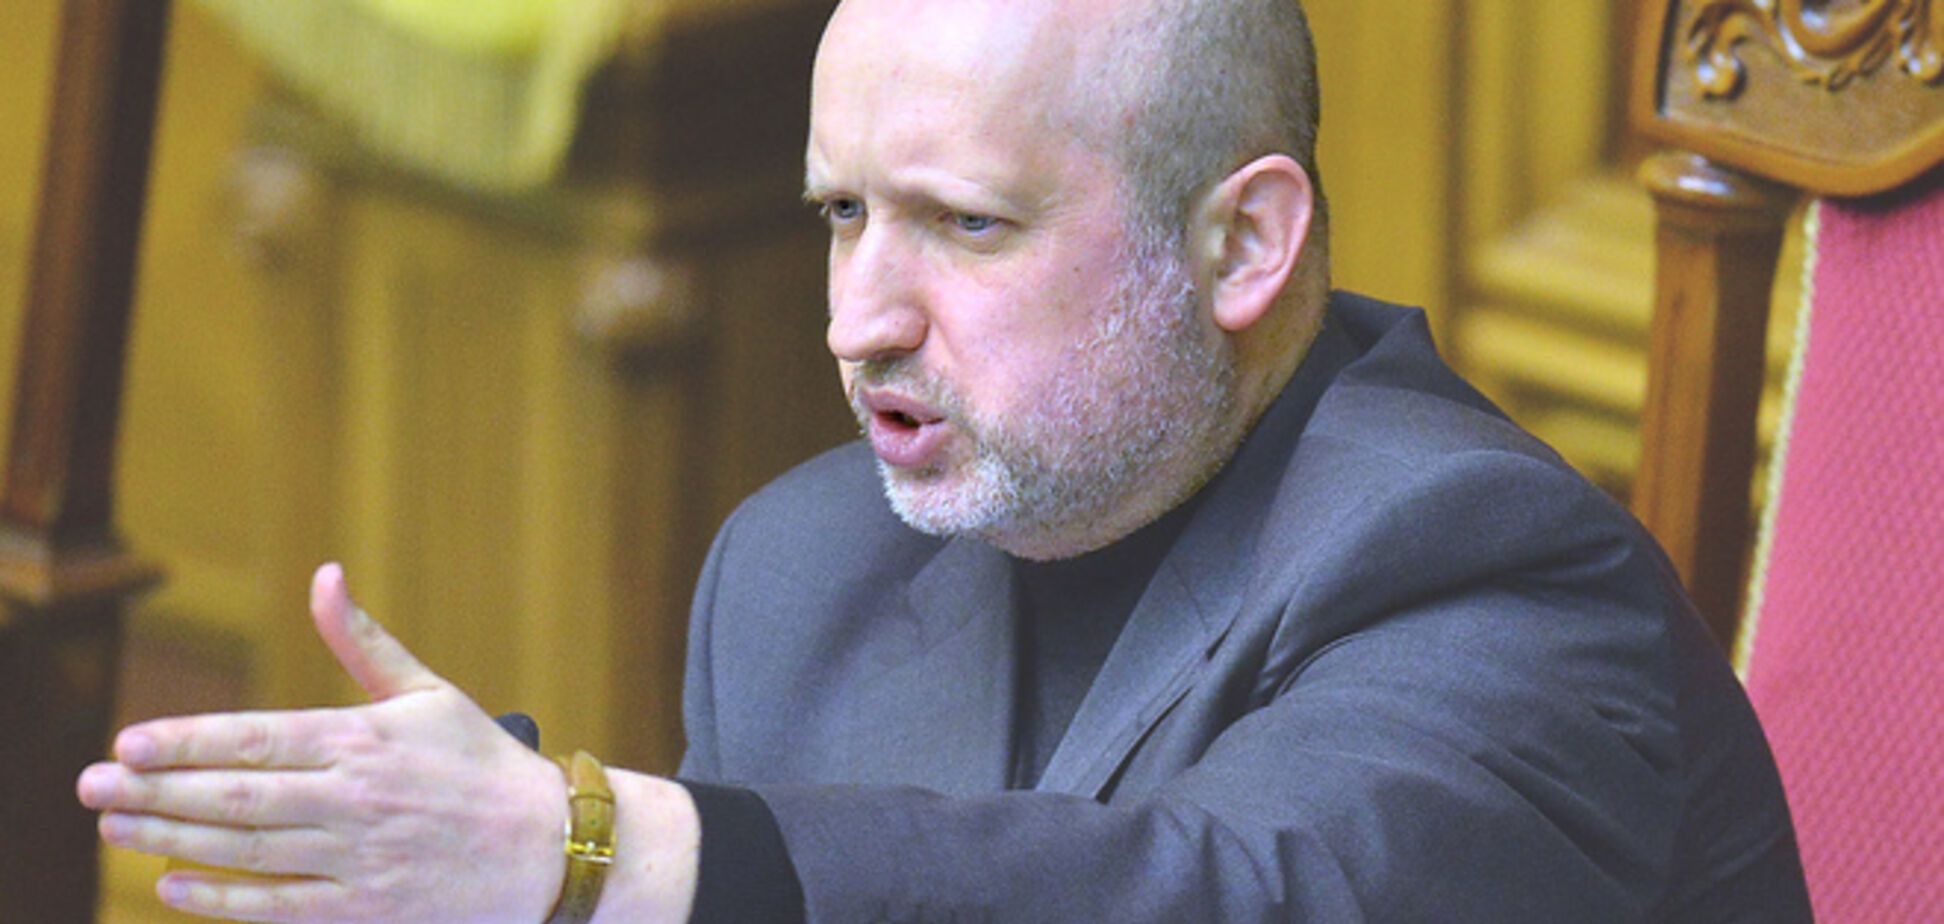 Турчинов дал ГПУ, СБУ и Госпогранслужбе 3 часа на объяснение, почему выпустили 'губернатора Луганщины'